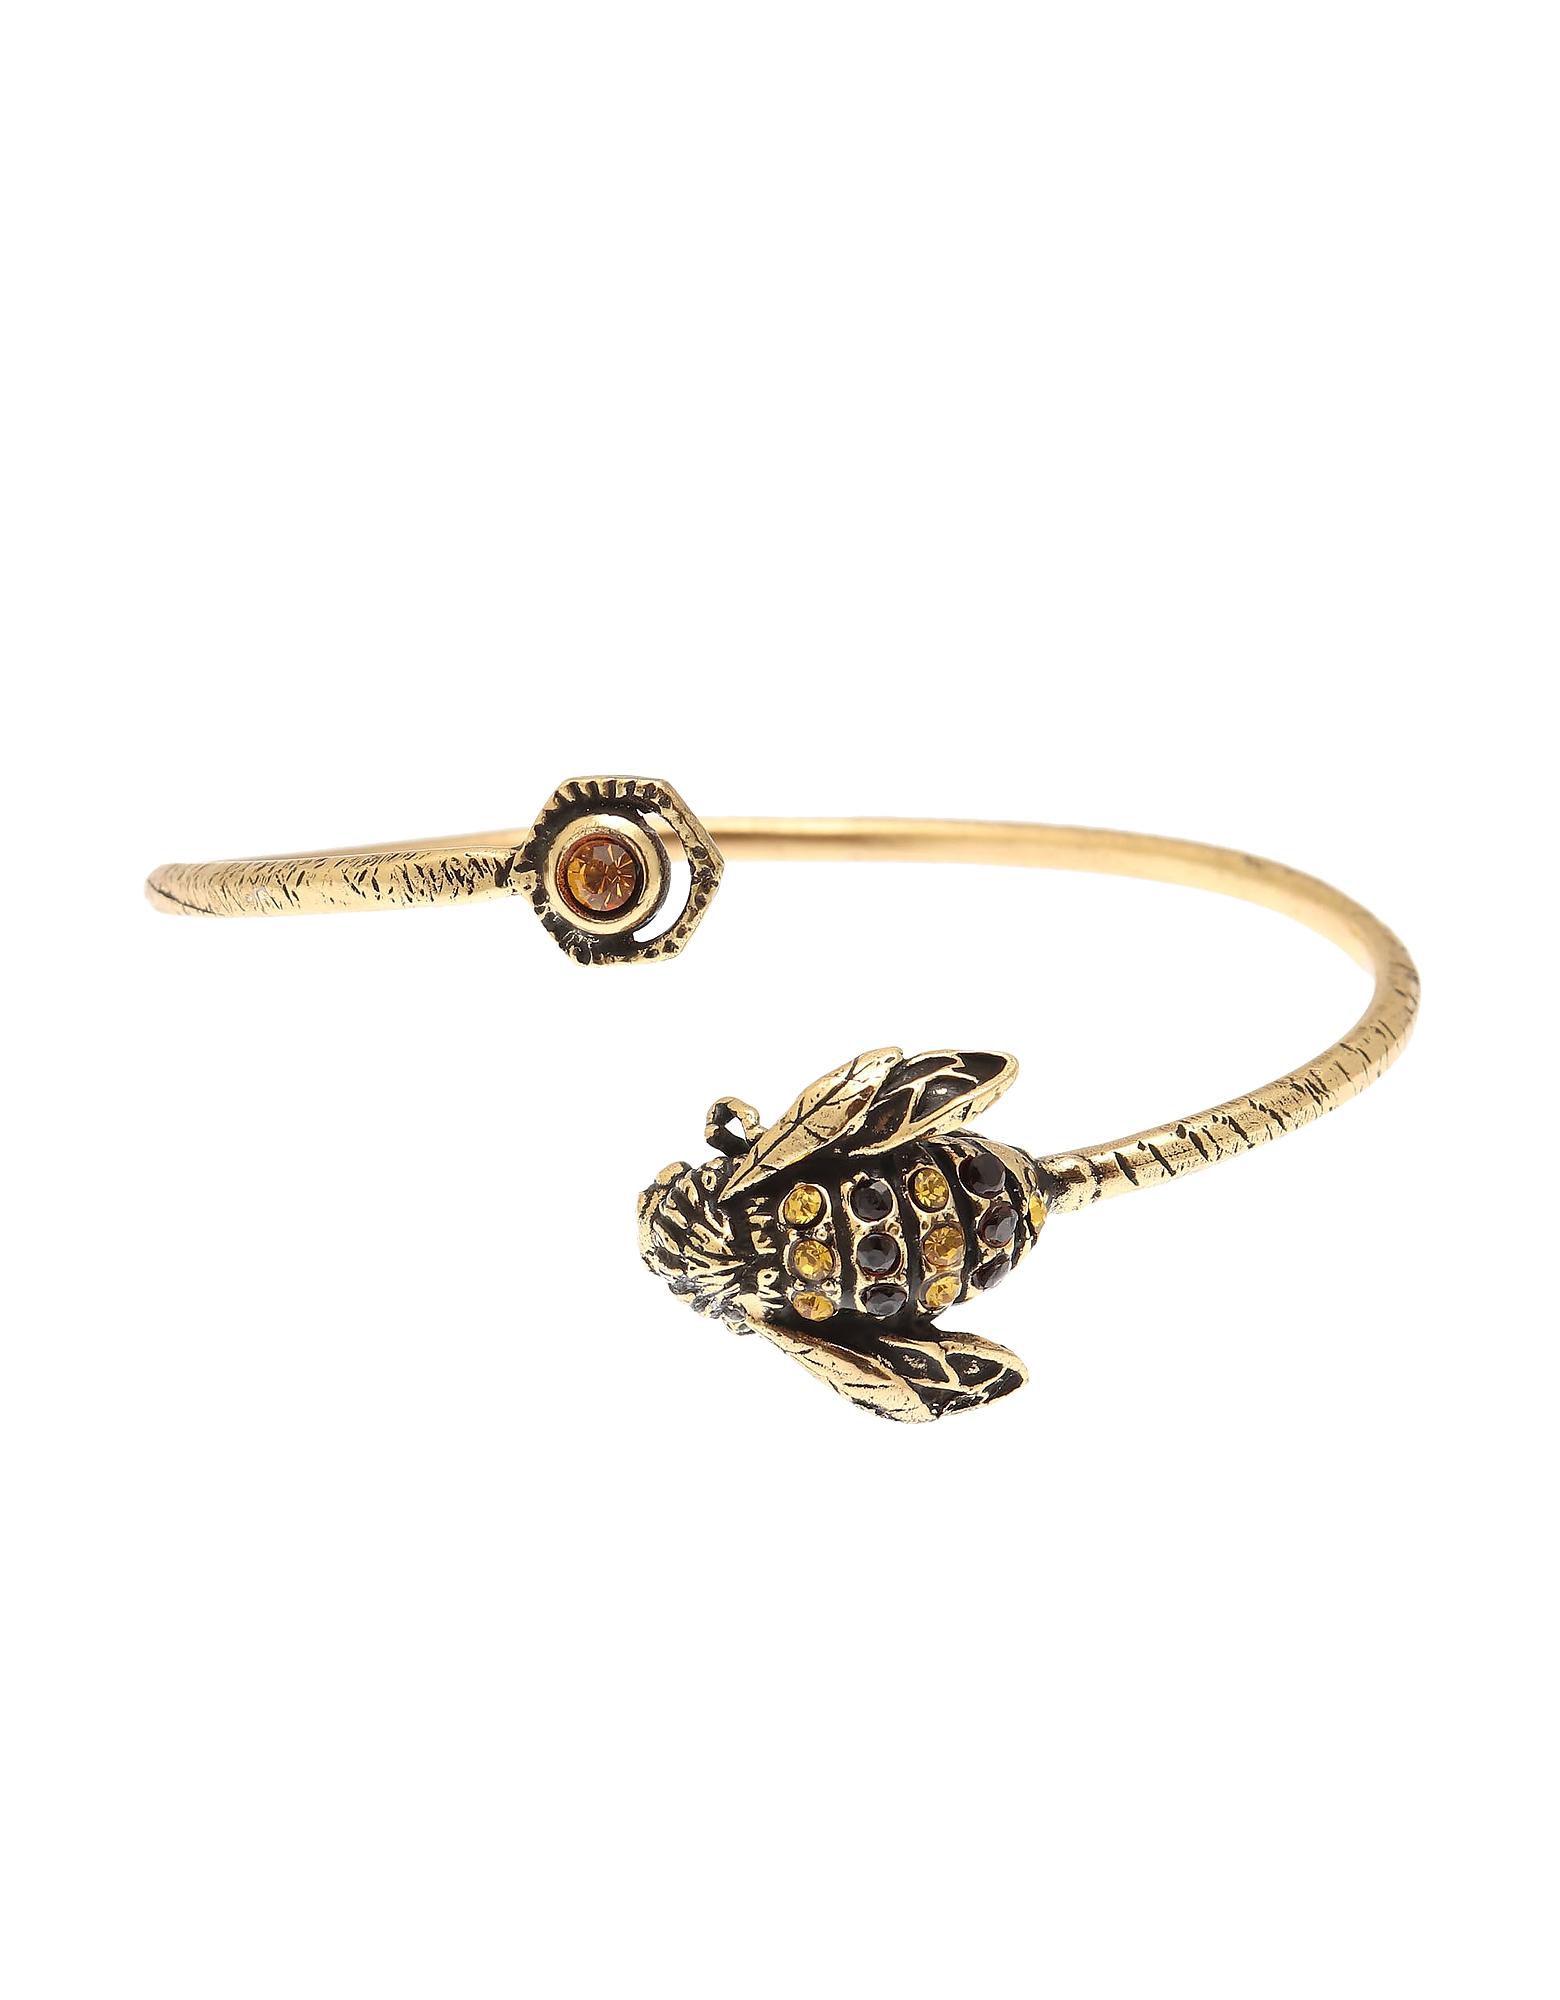 Forzieri coupon: Alcozer & J  Bracelets Eucalipto Golden Brass Bangle w/Swarovski and Garnet